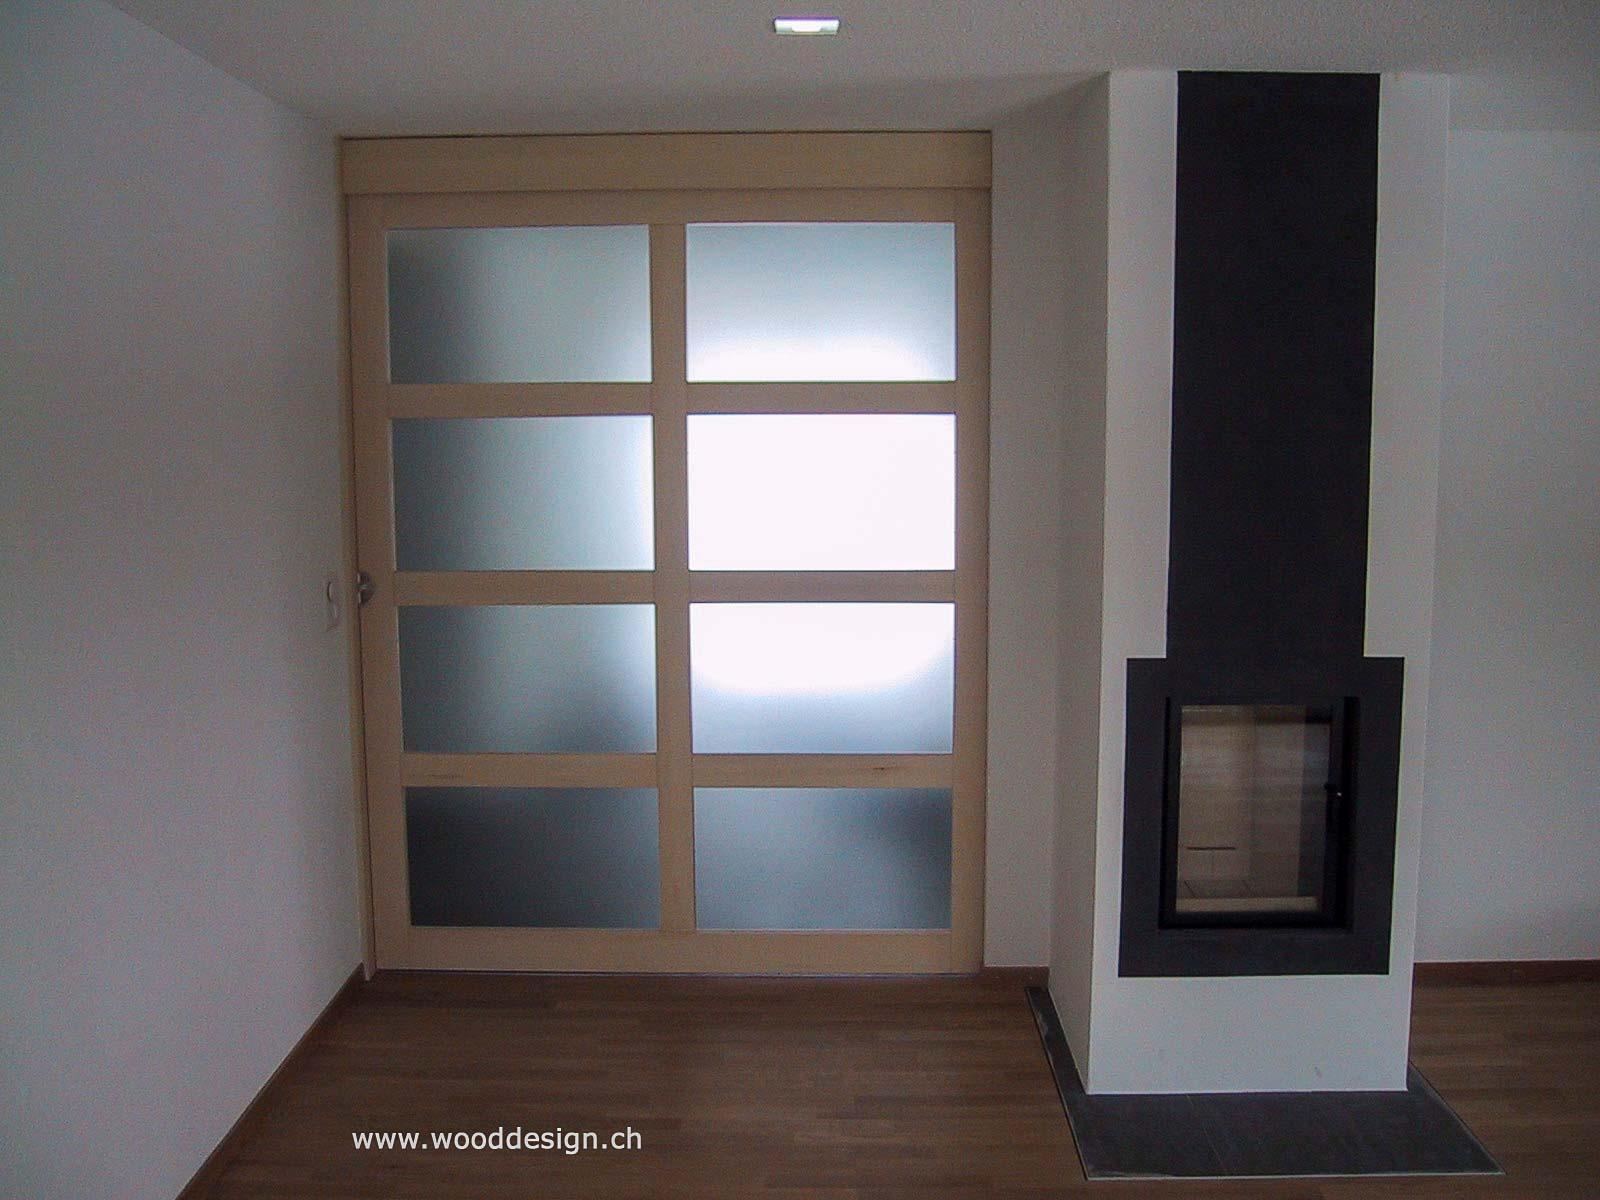 Wooddesign_Raumtrenner_Schiebetüren mit Glasfüllungen_Ahorn_Akustik (1)